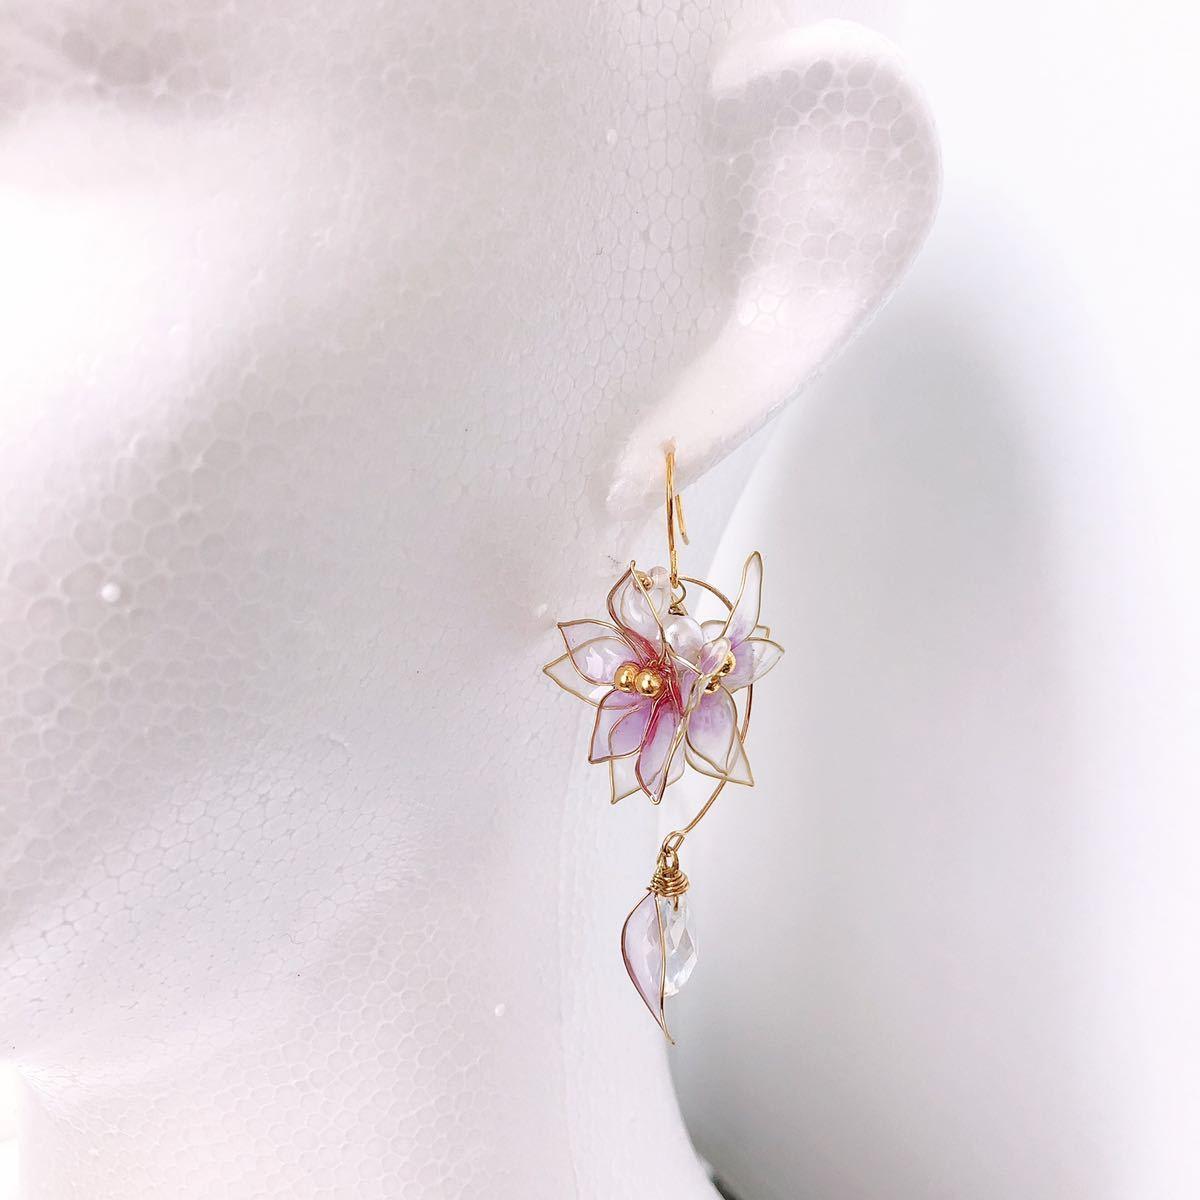 フルールピアス/イヤリング ディップアート アメリカンフラワー 透明感 きれい 大人 可愛い クリア 白 結婚式 ブライダル ウェディング_画像5